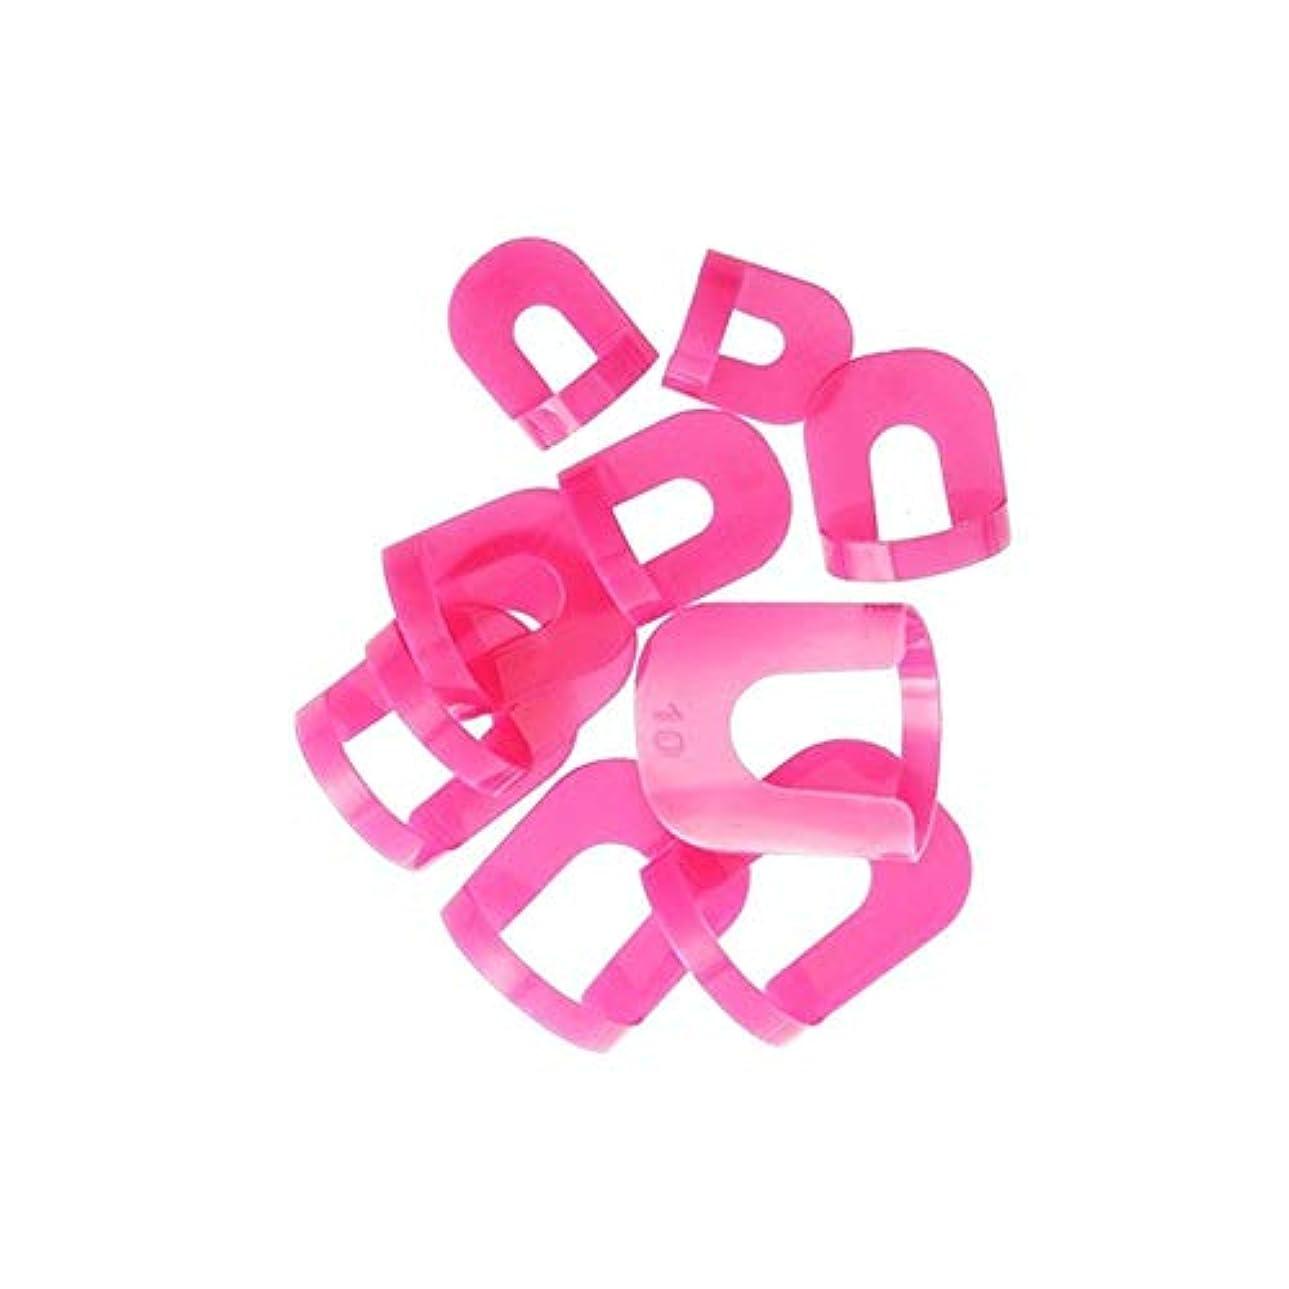 優遇人気のブロックするマニキュア保護テンプレート保護曲線状多指マニキュアの1セット、マニキュアが流出ホルダ10色ランダムサイズの互換性を持って設定します